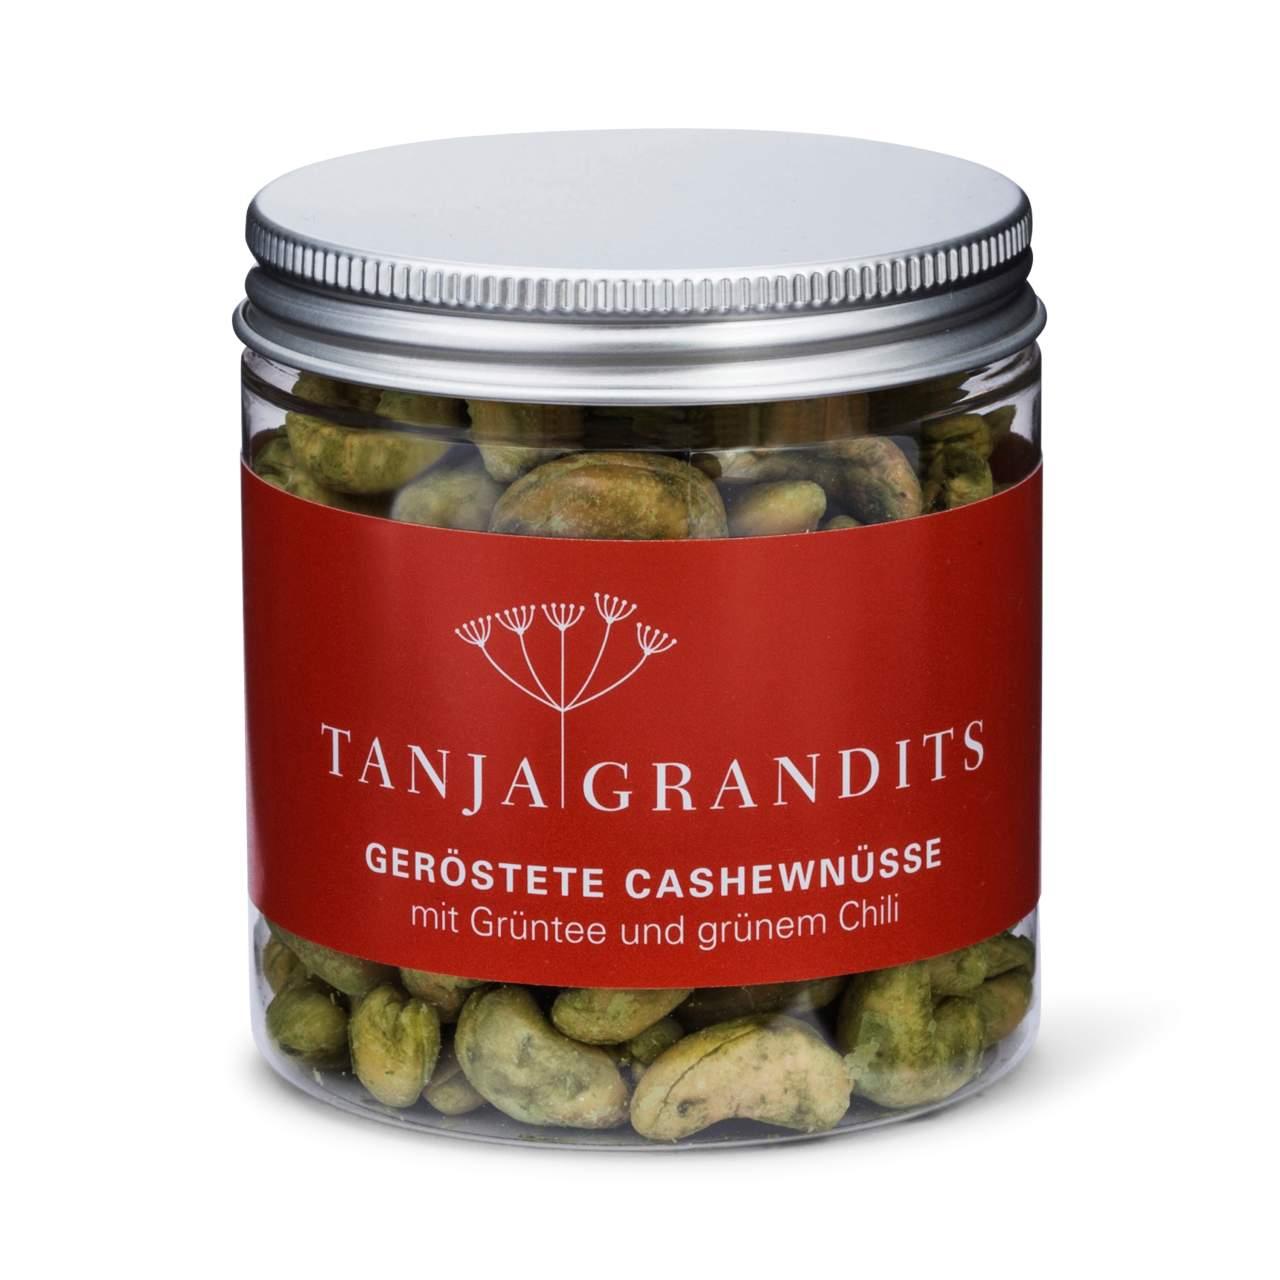 Tanja Grandits: Geröstete Cashewnüsse mit Grüntee und grünem Chili